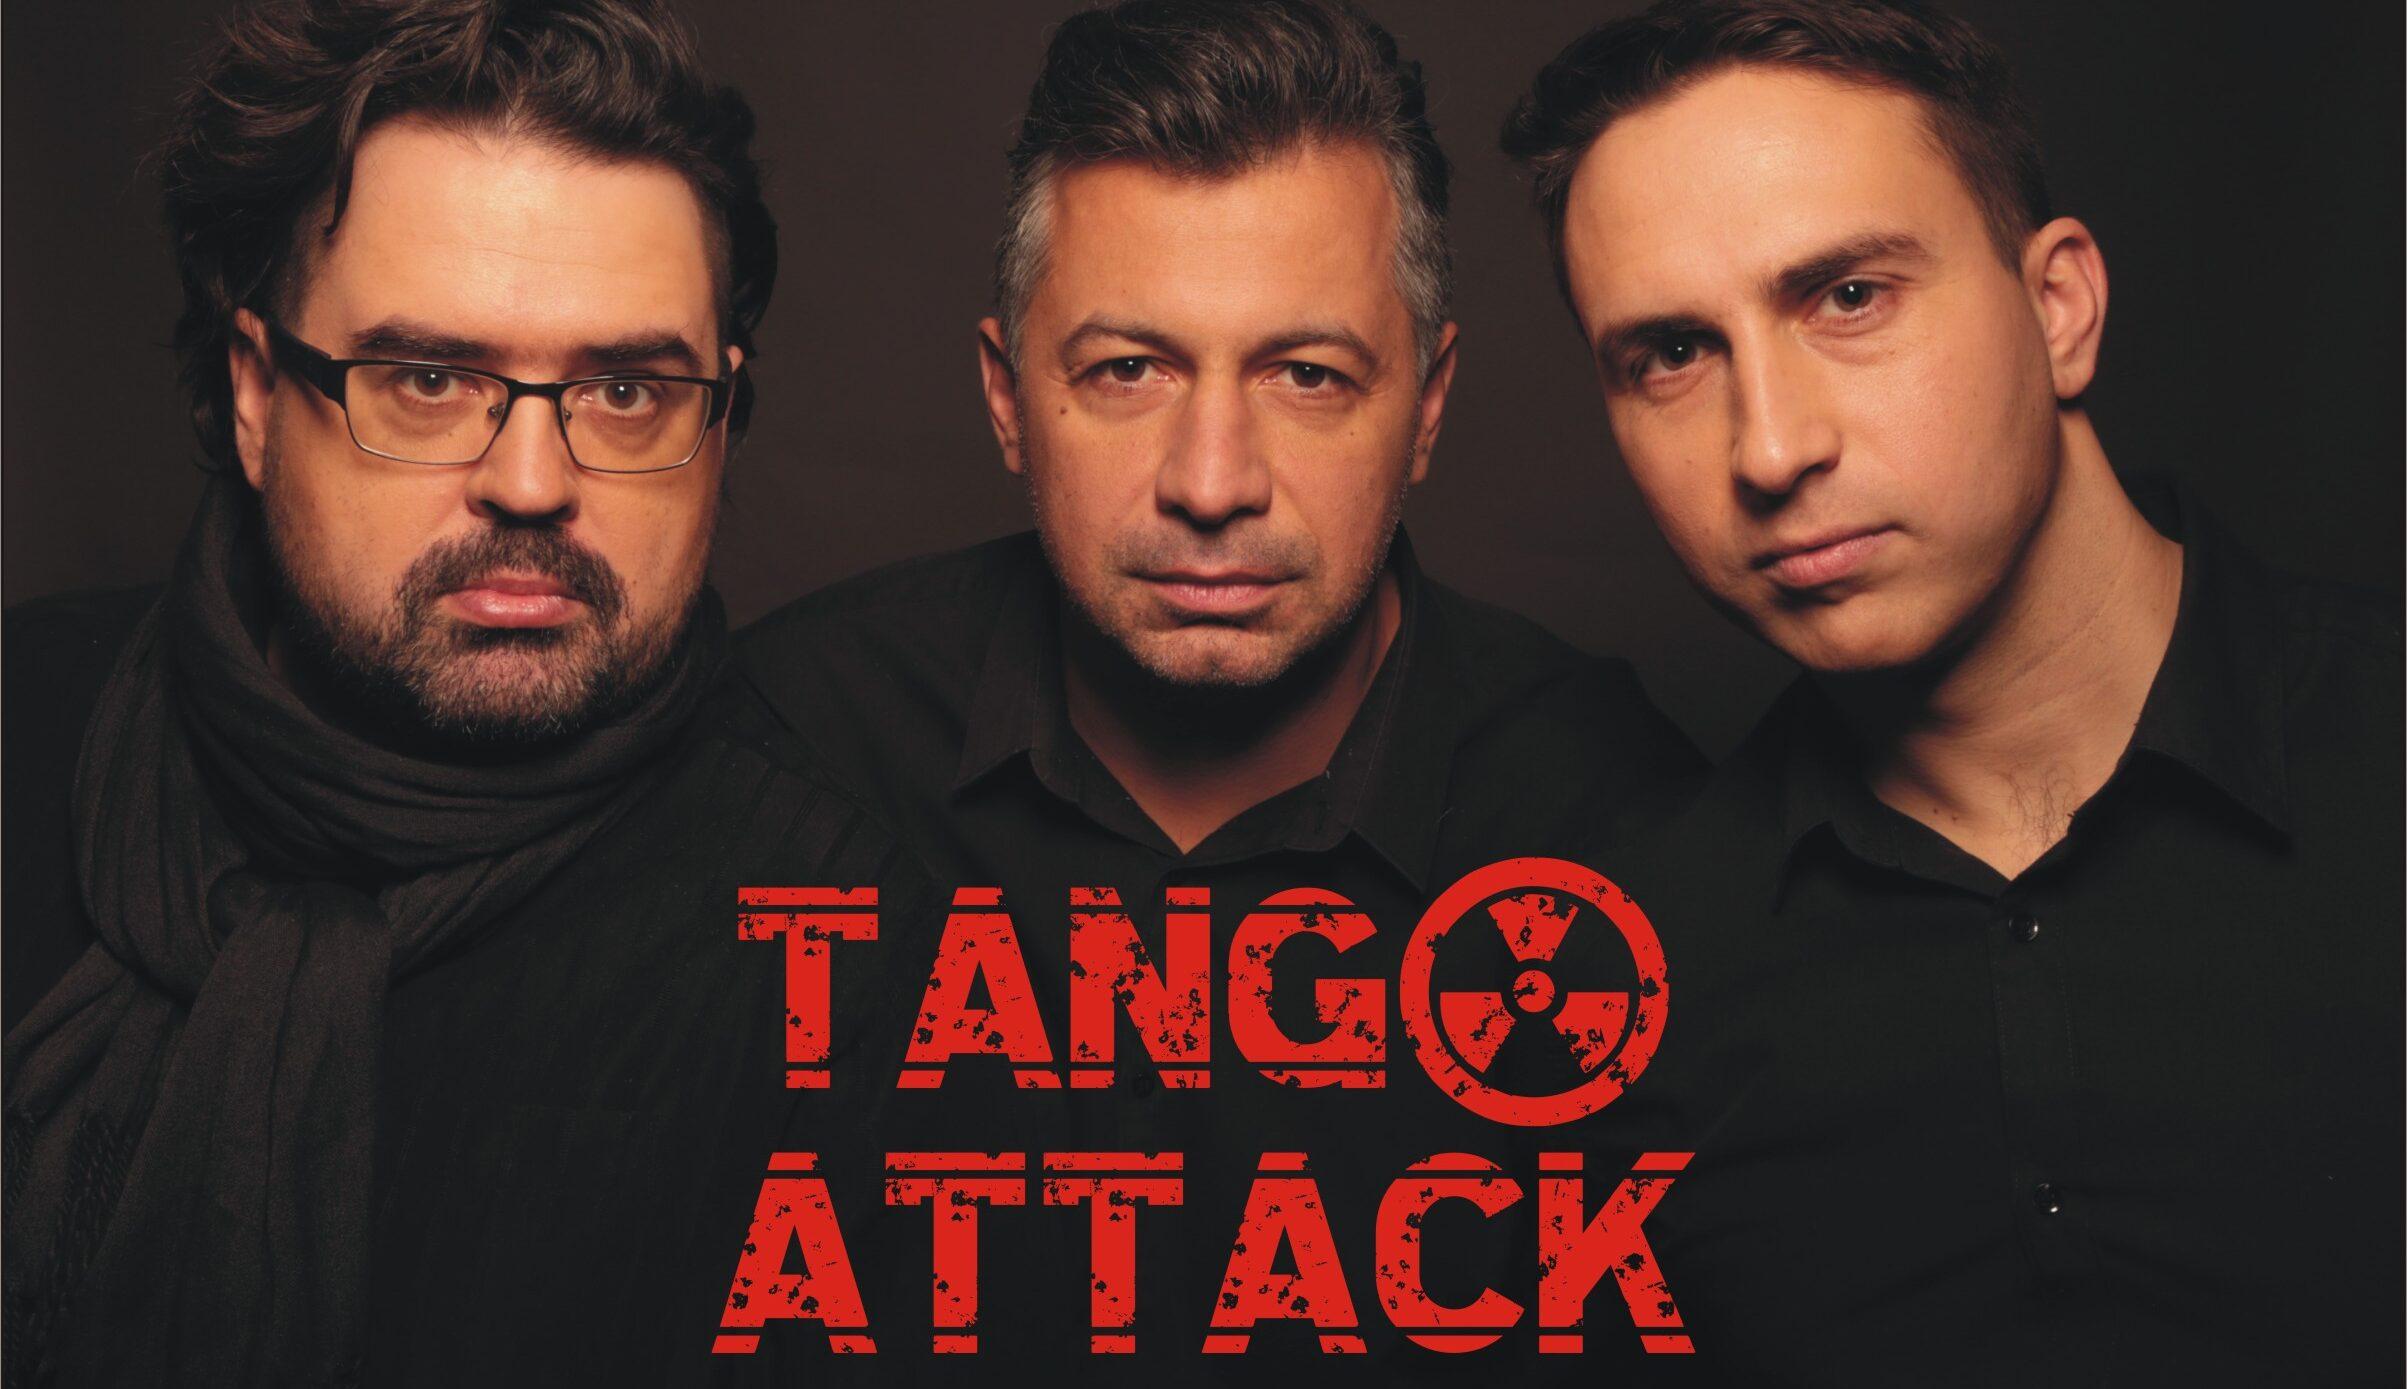 wszystko jest tangiem | everything is a tango